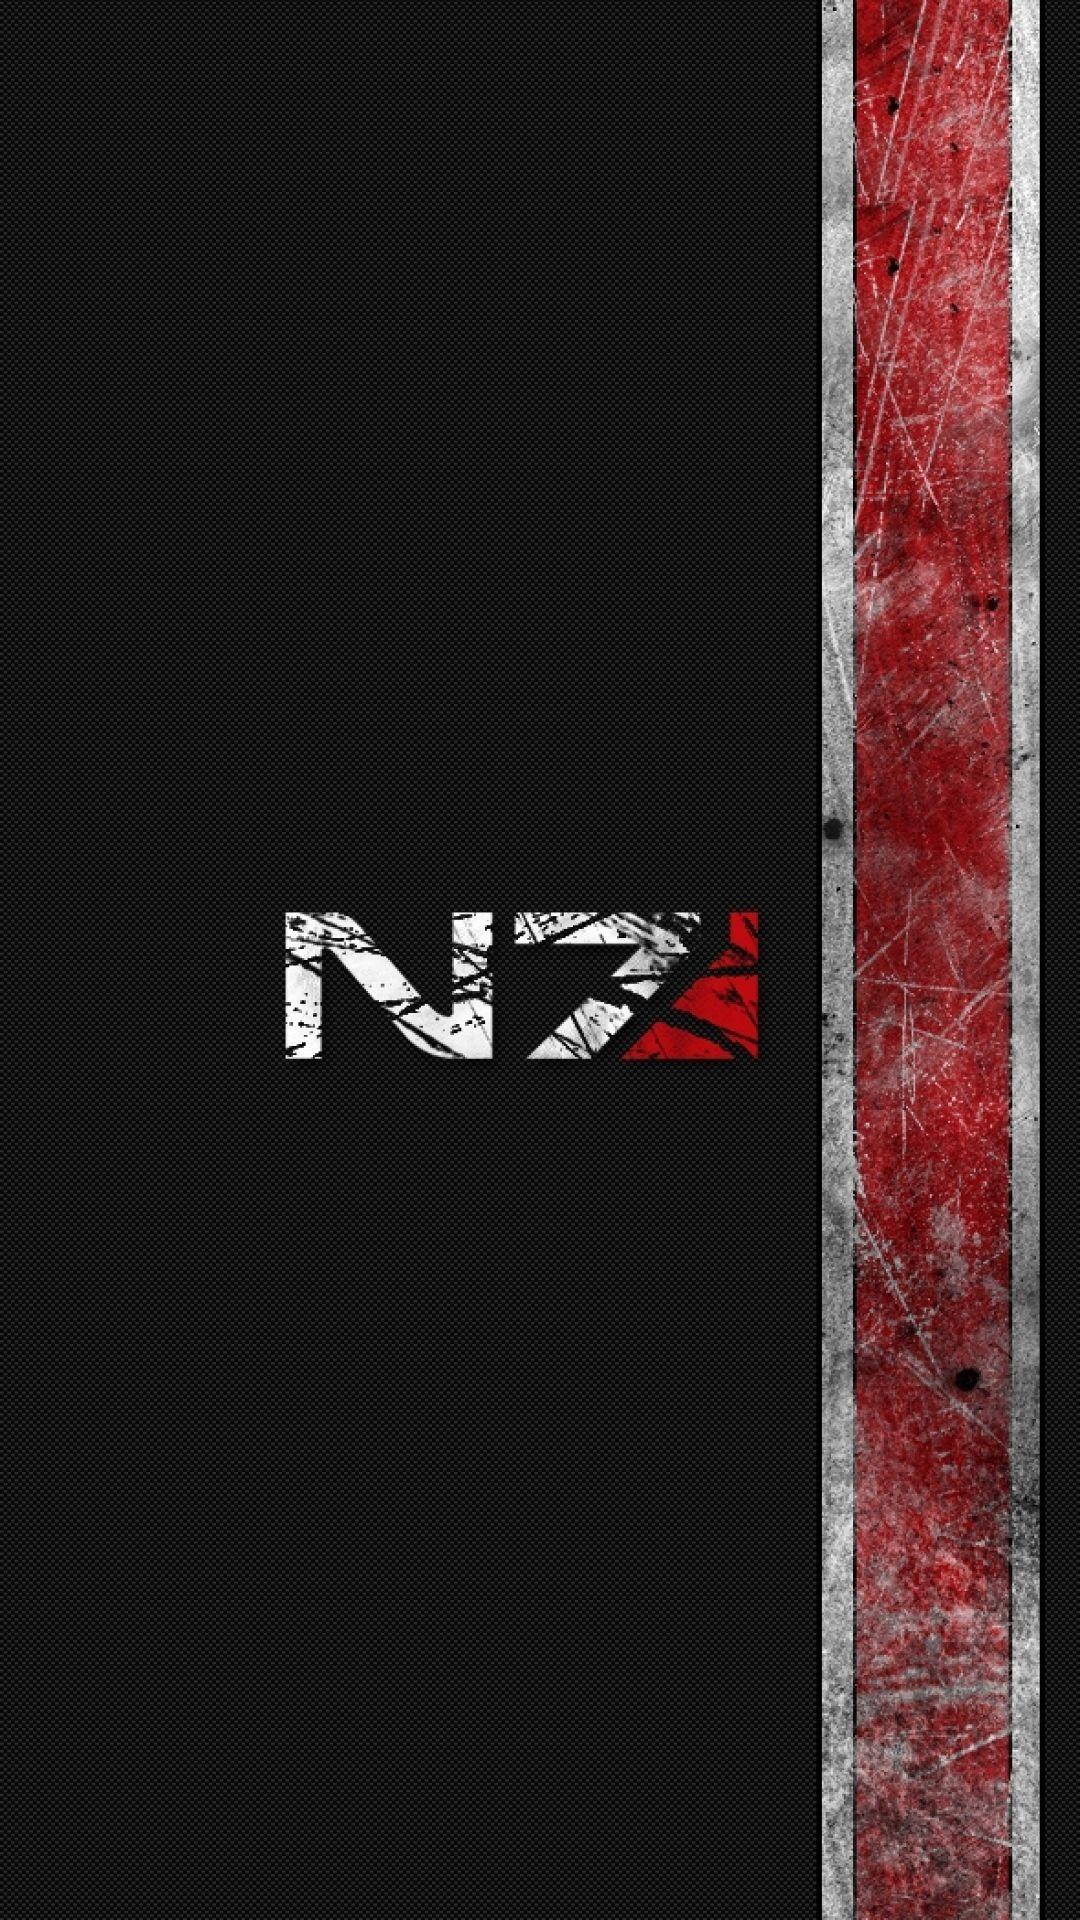 Sony Xperia Z Zl Z Samsung Galaxy S Htc One Mass Effect Mass